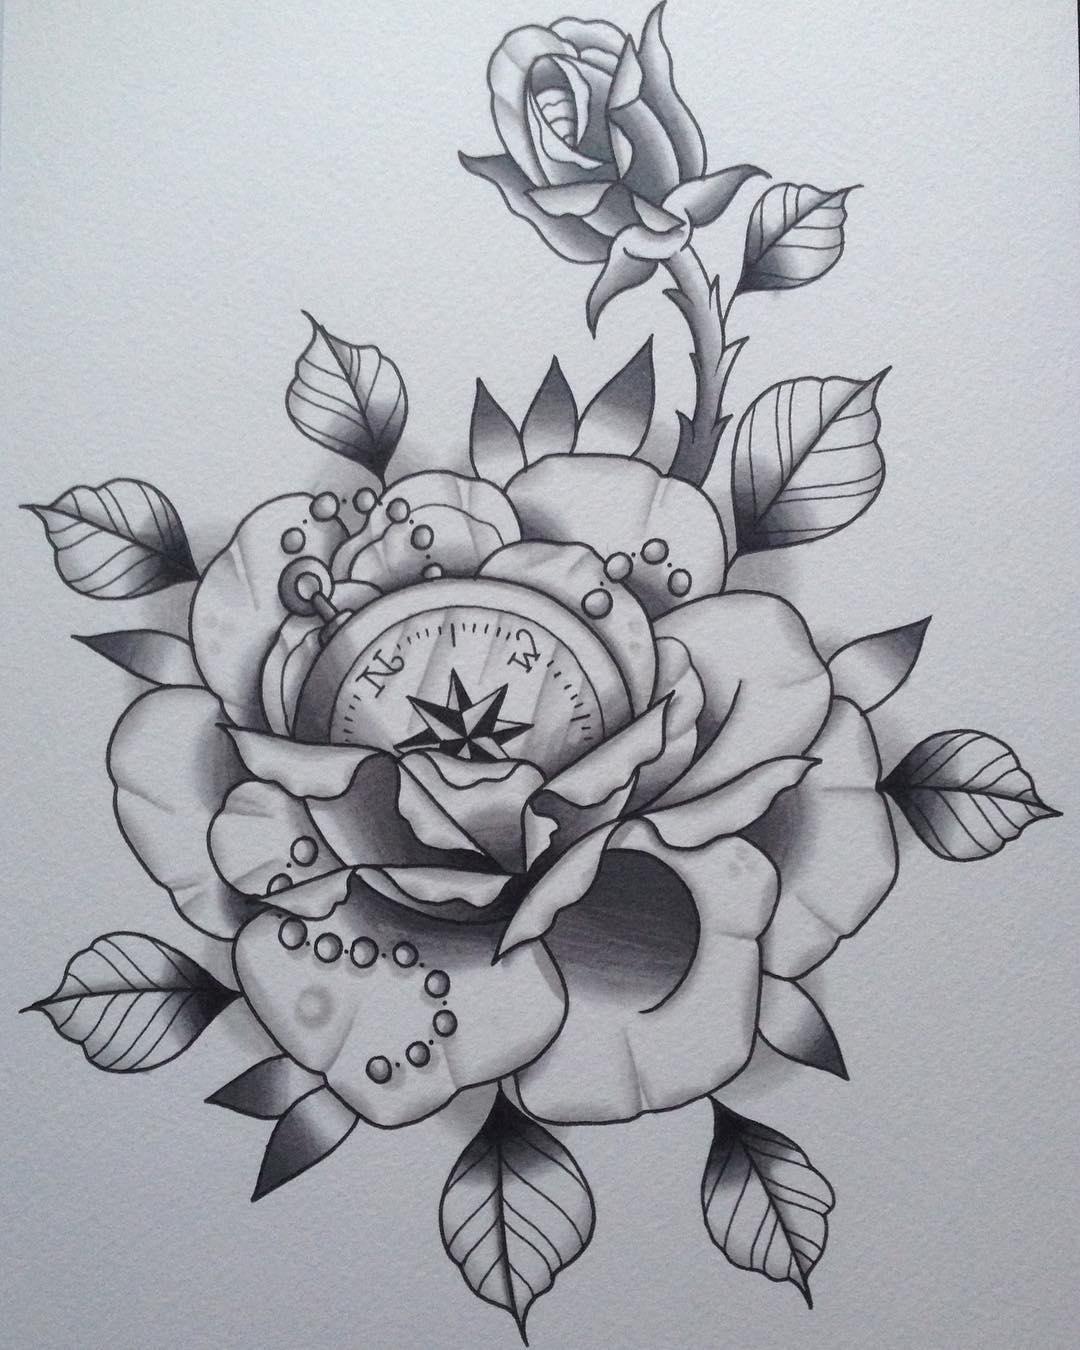 玫瑰指南针纹身手稿